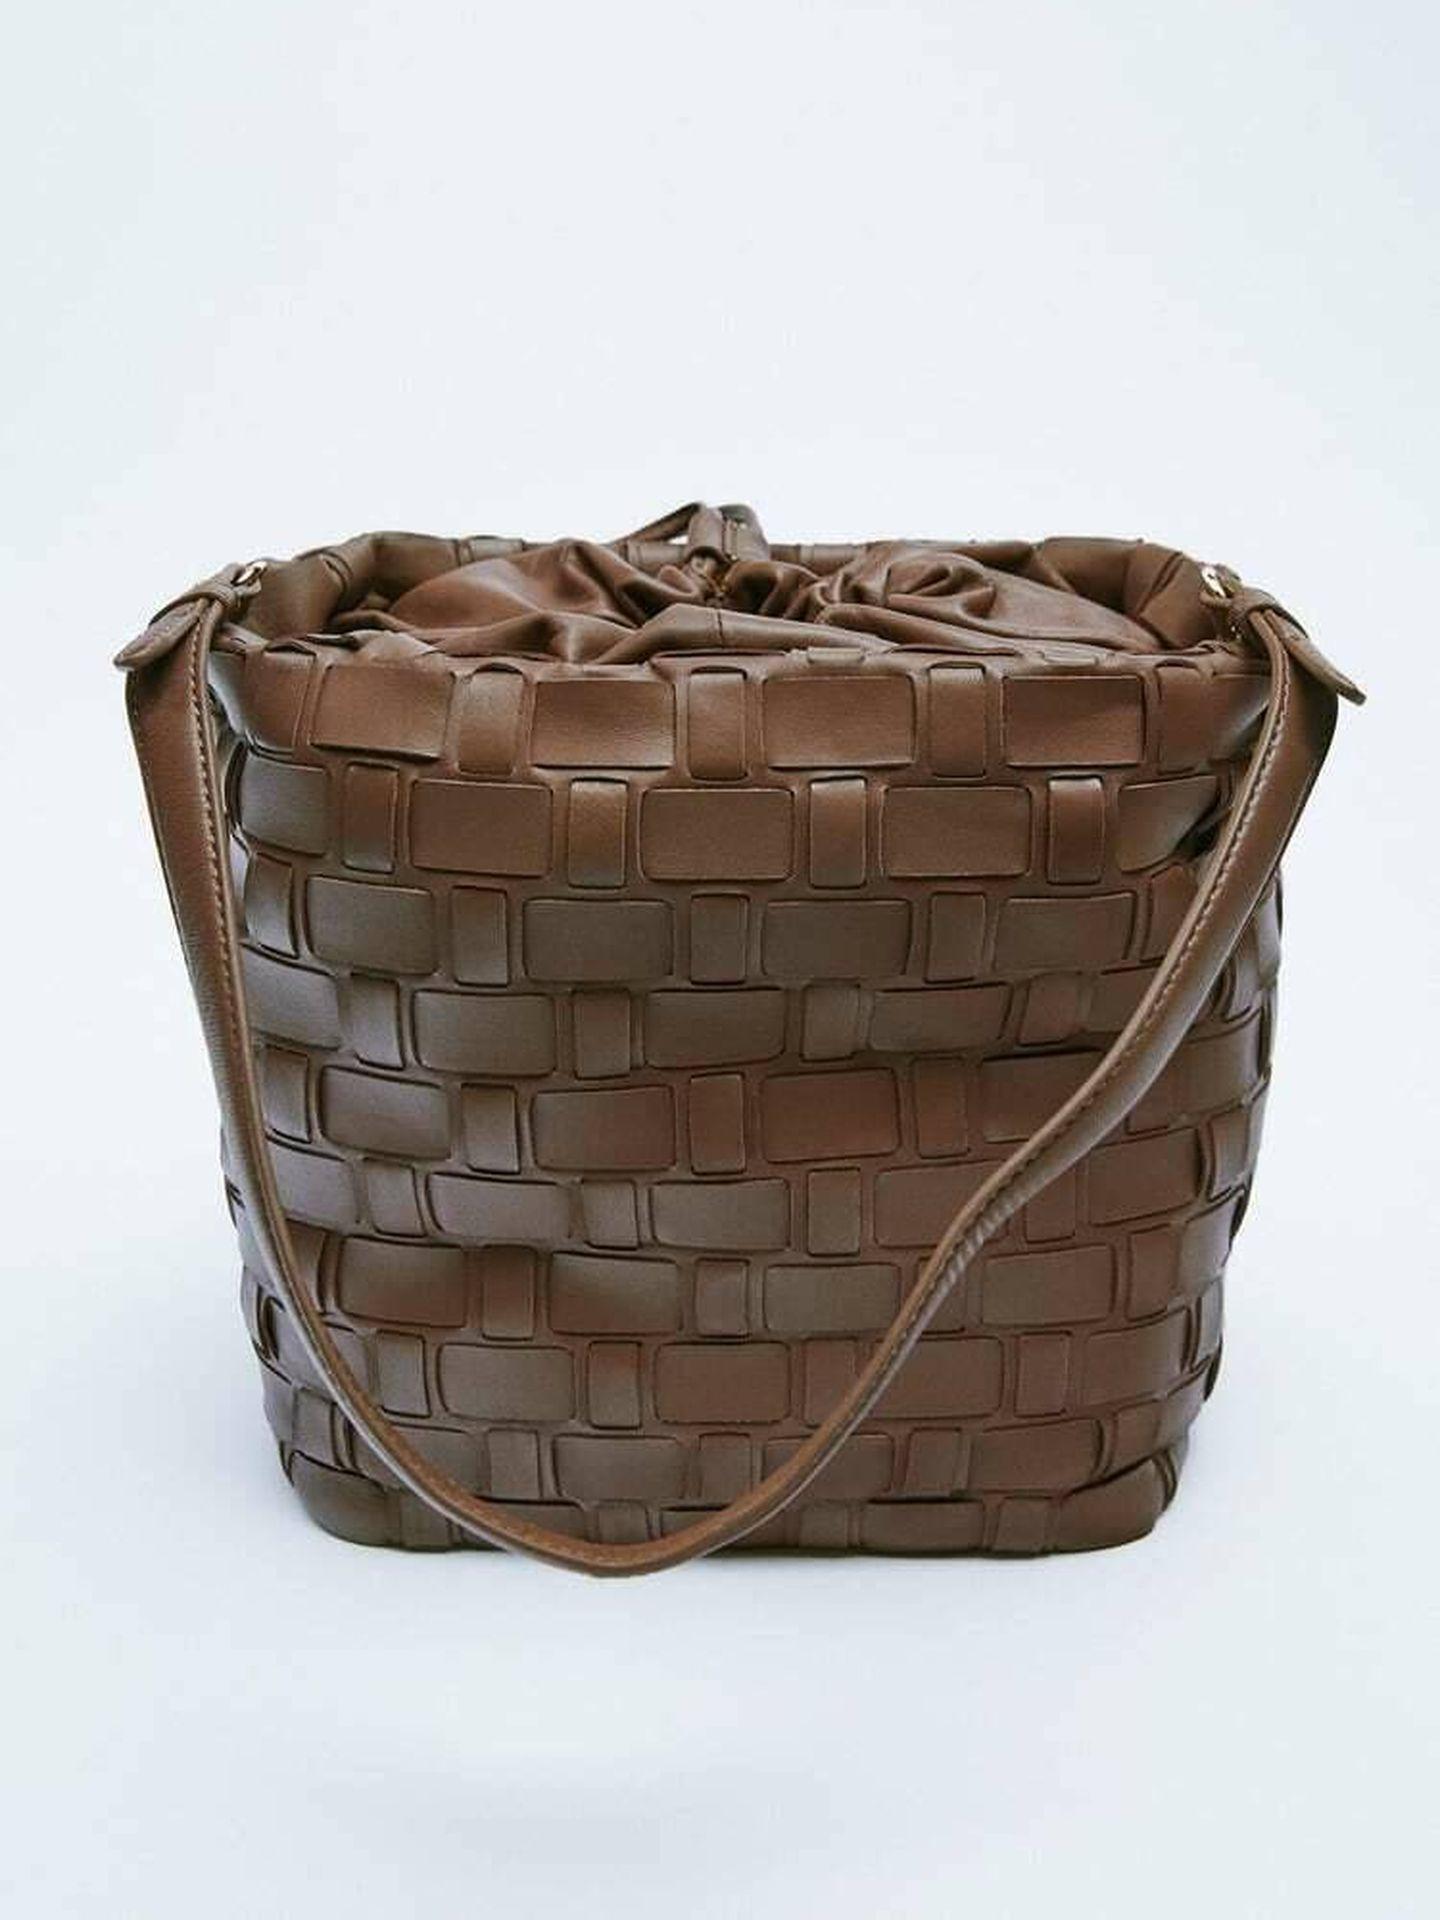 El nuevo bolso de Zara. (Cortesía)